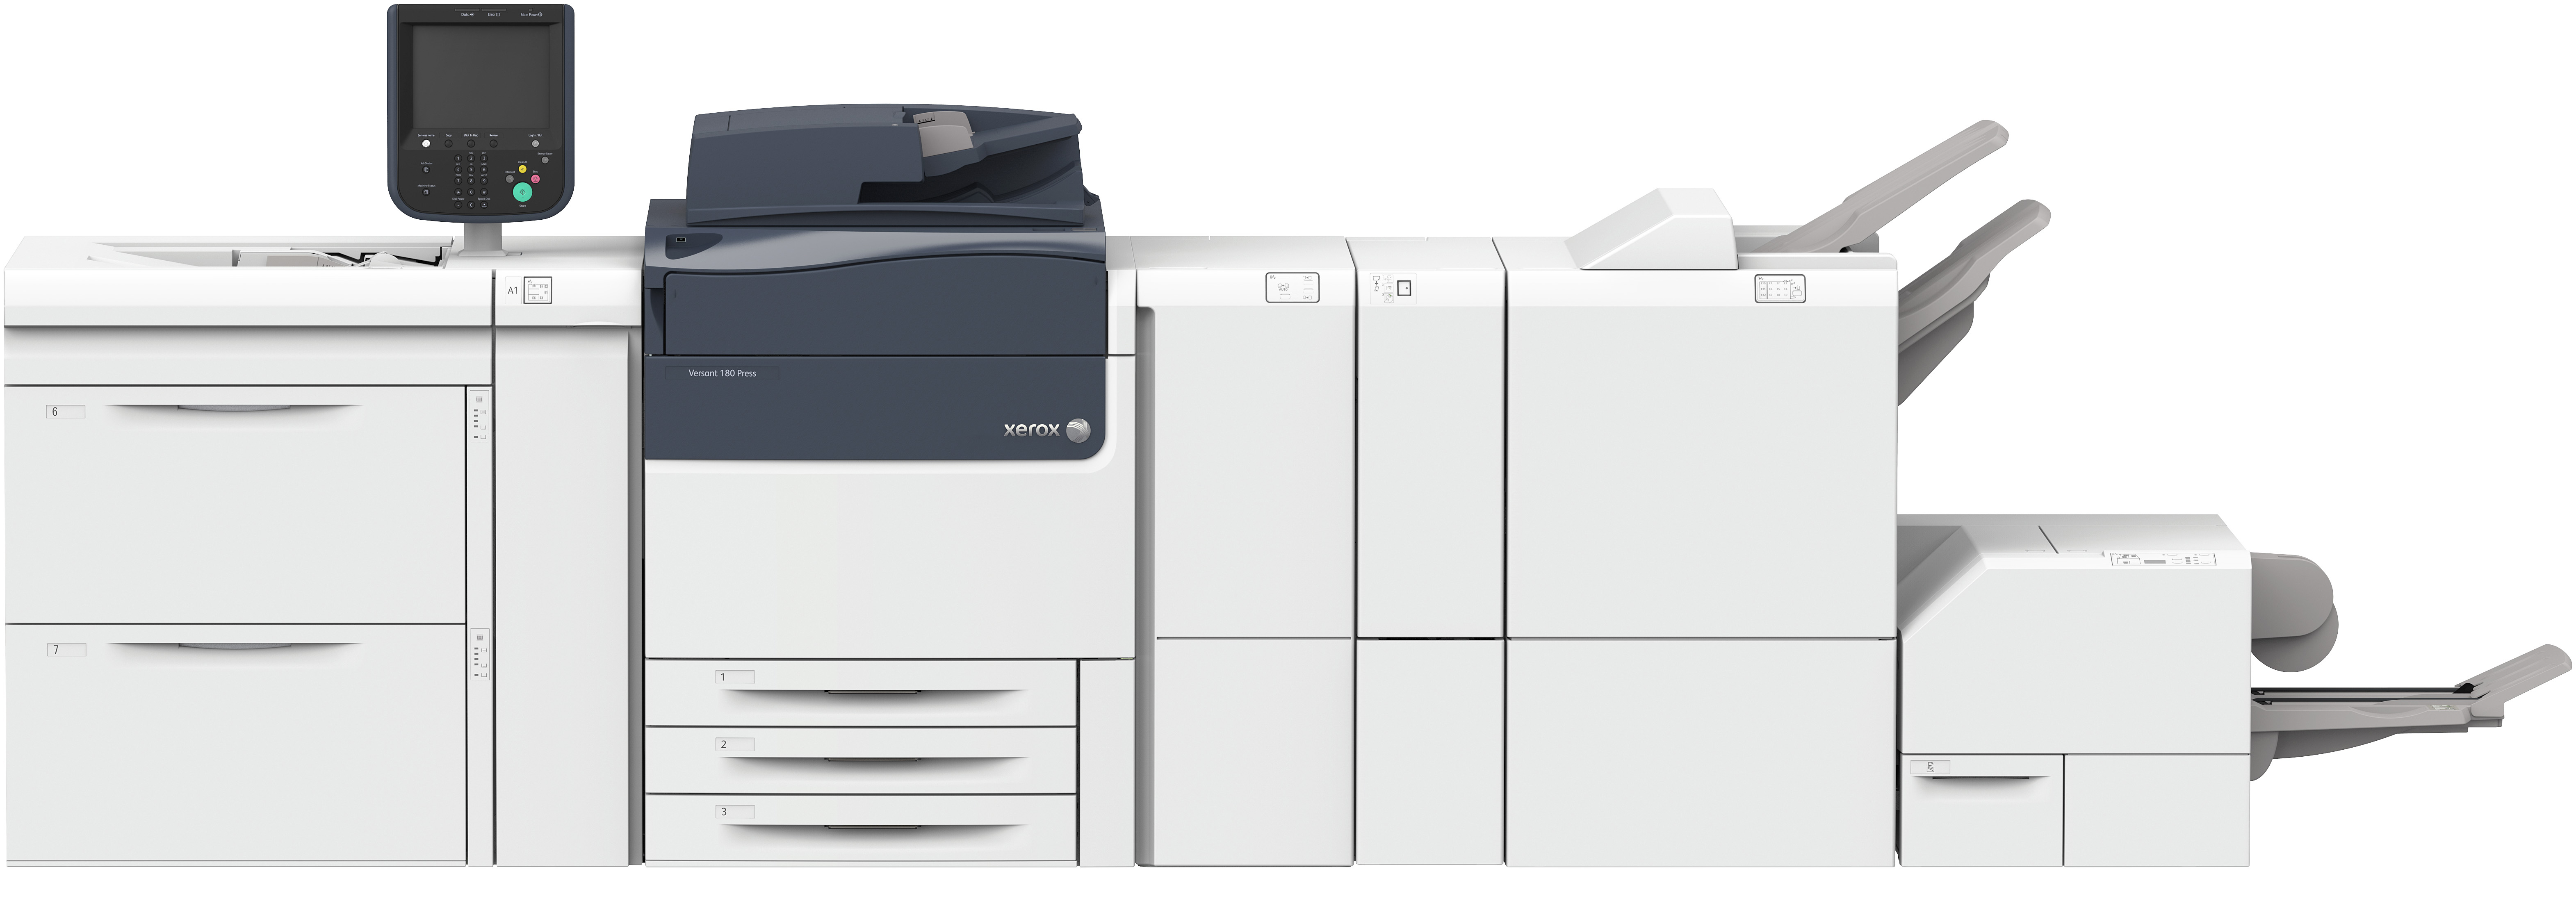 Xerox Color C70